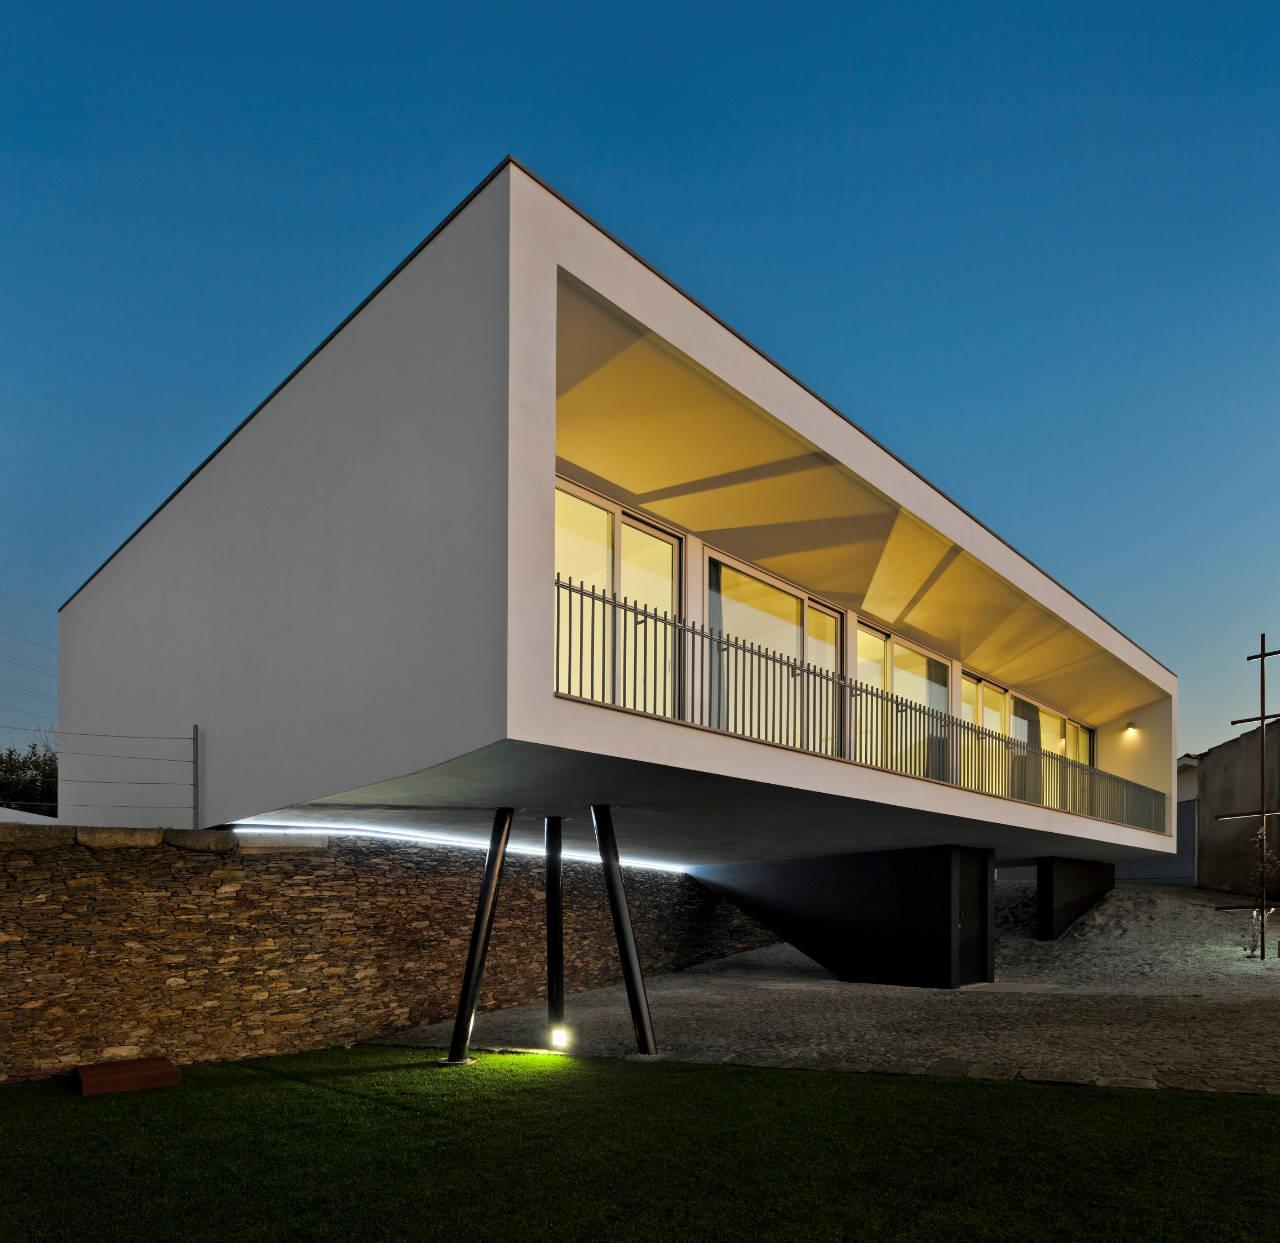 Casa no Sobral / Nelson Resende, © FG+SG – Fernando Guerra, Sergio Guerra